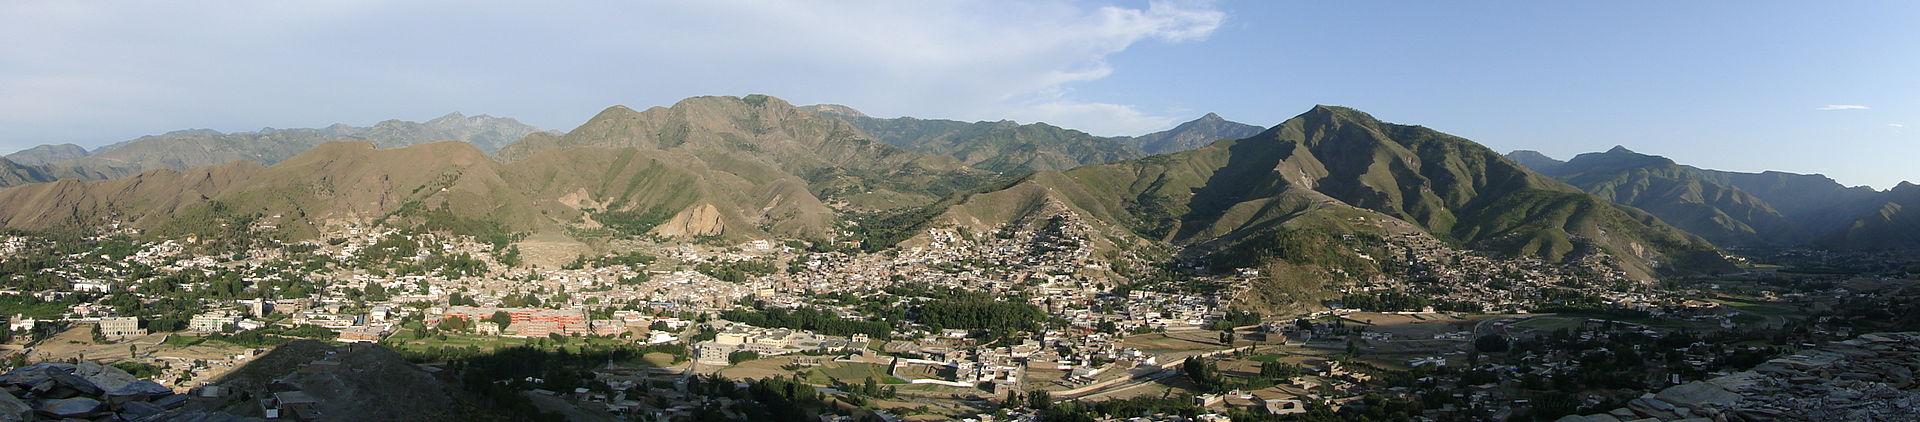 1920px-Saidu_Sharif_in_Panorama_view.JPG